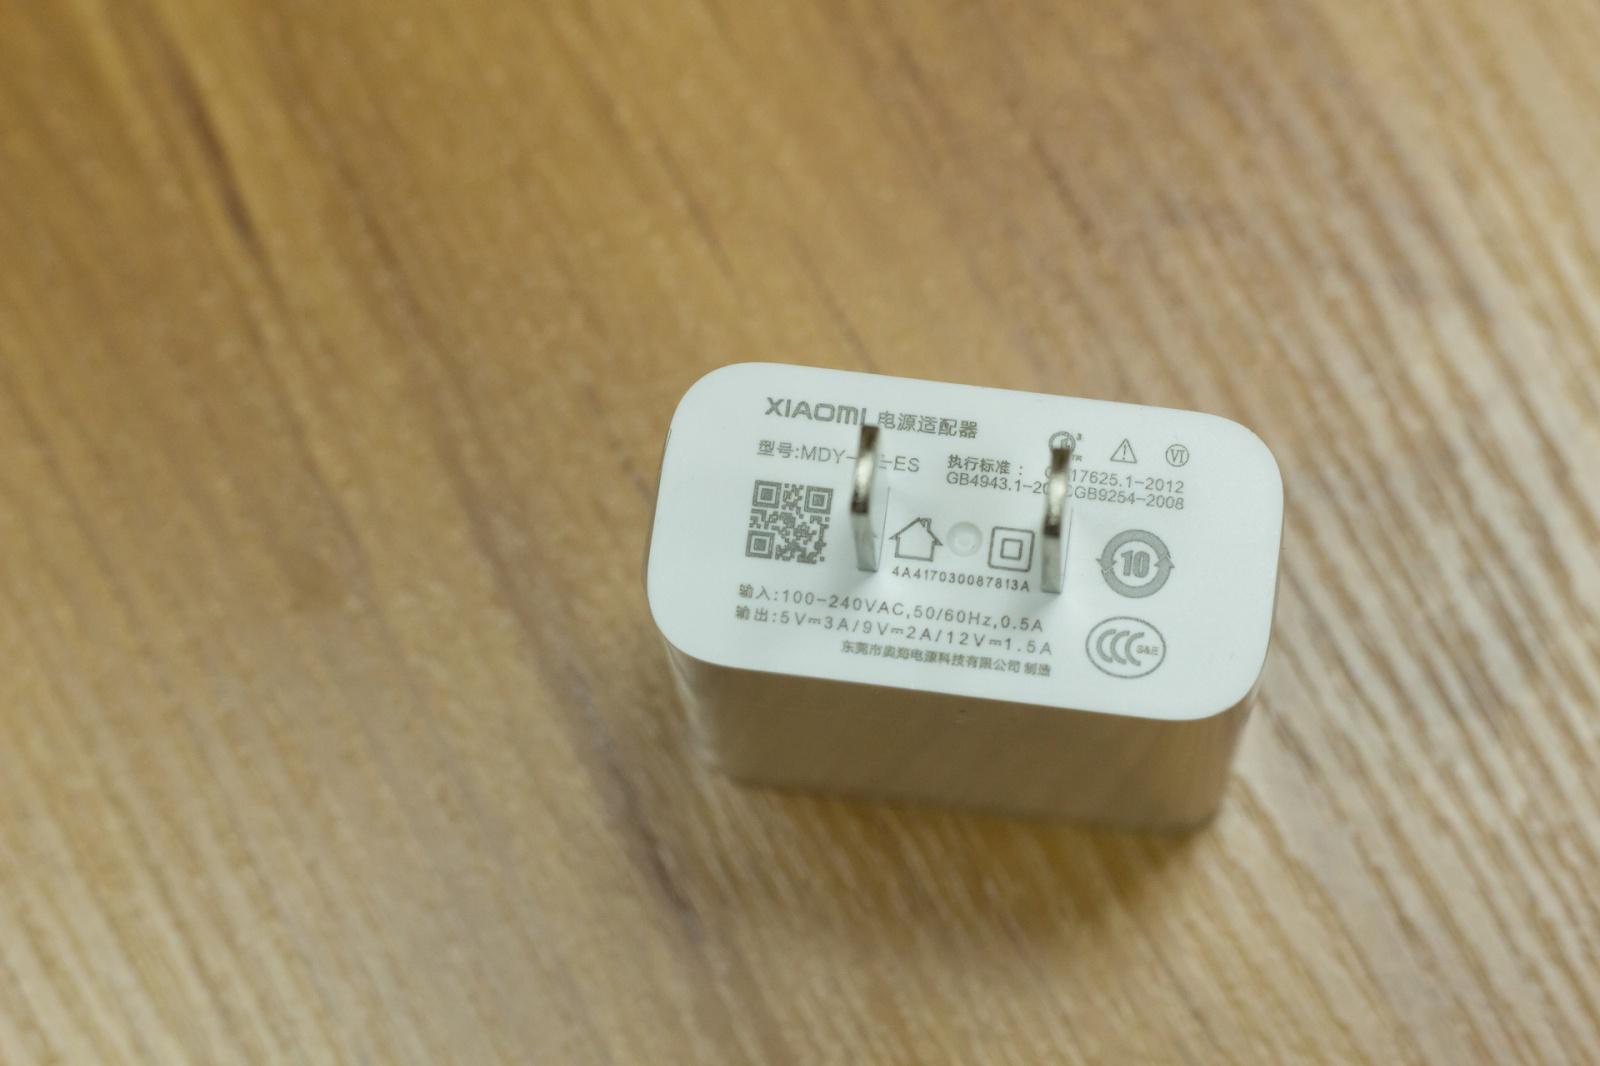 Обзор Xiaomi Mi6. Настоящий флагман за полцены, и при этом не совсем лопата - 30